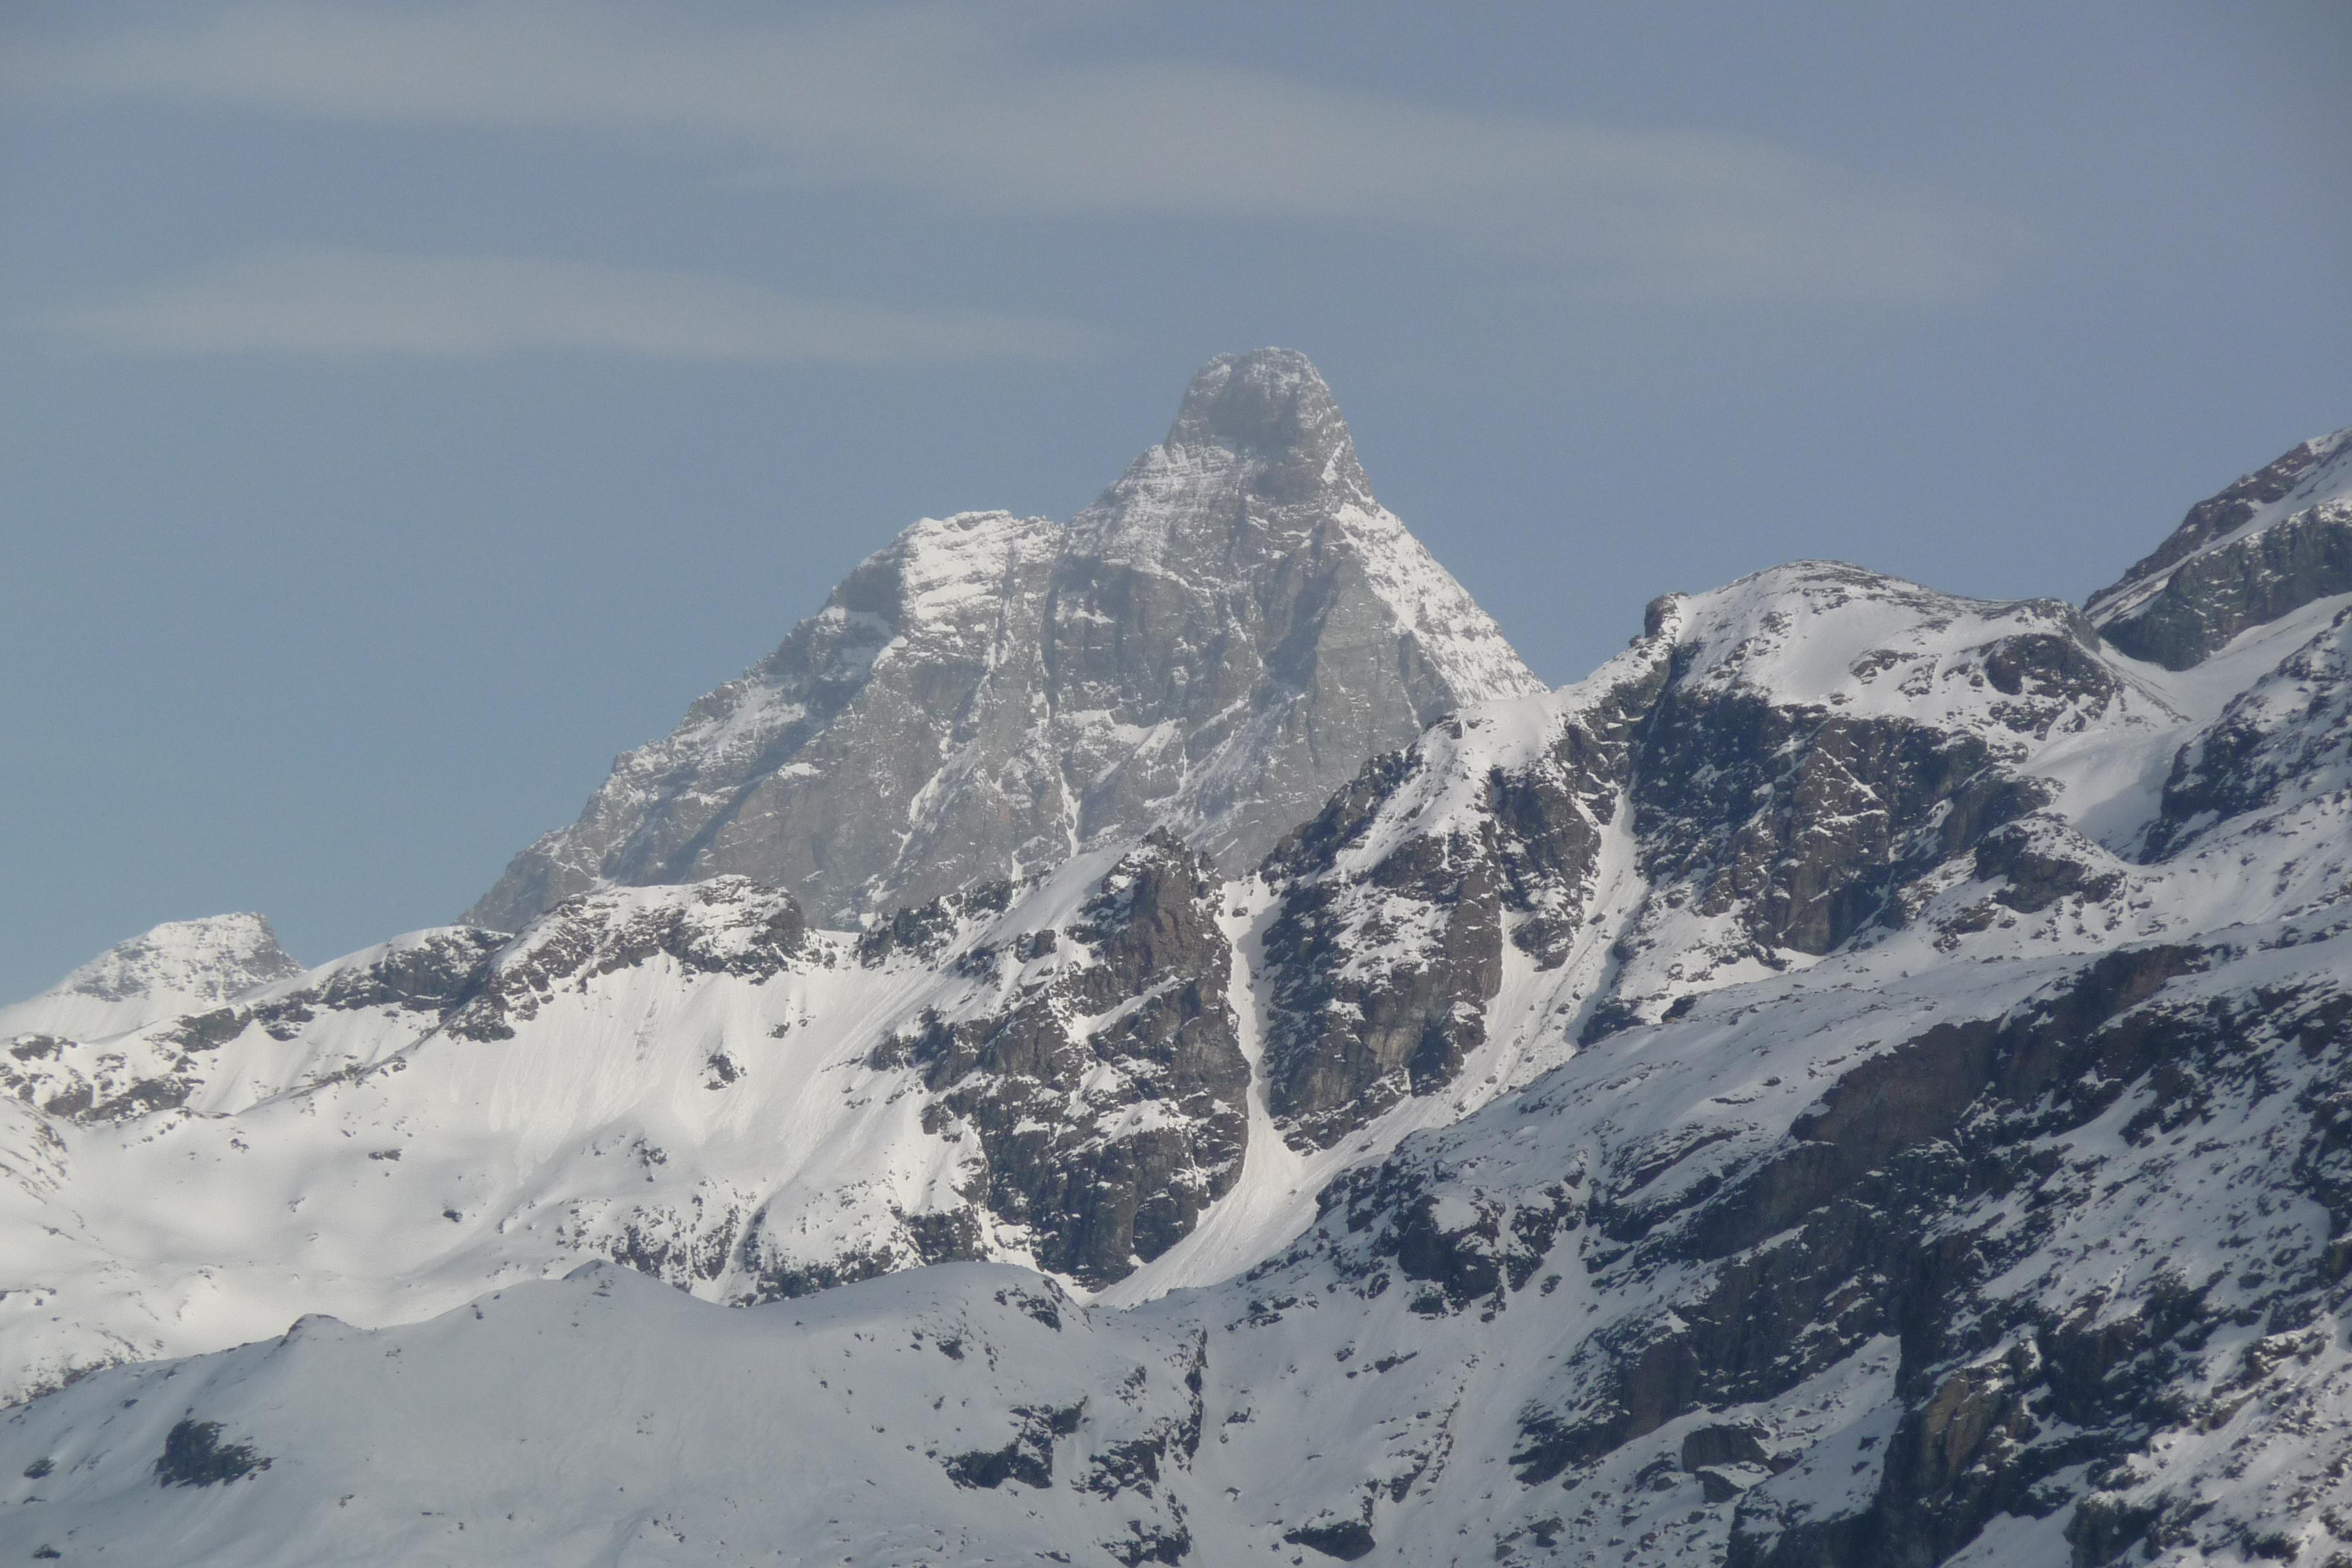 View of Matterhorn from Champoluc